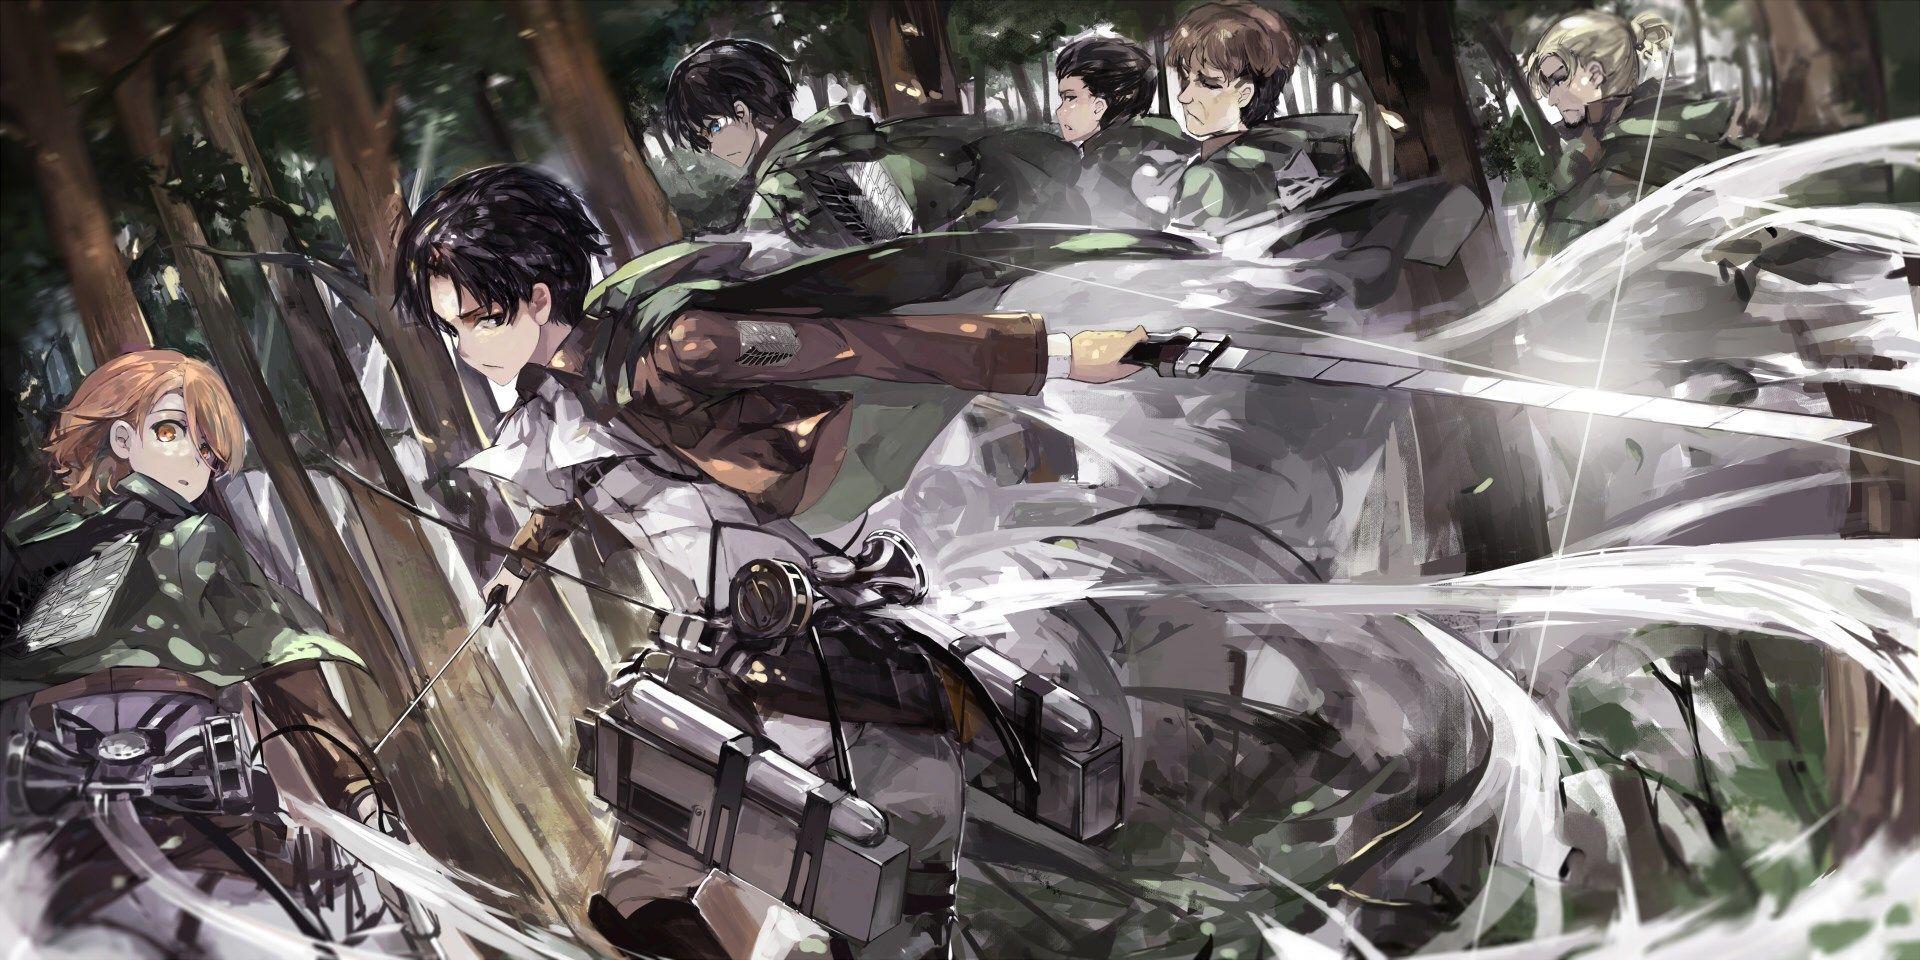 Windows Wallpaper Attack On Titan Attack On Titan Category Anime Attack On Titan Attack On Titan Levi